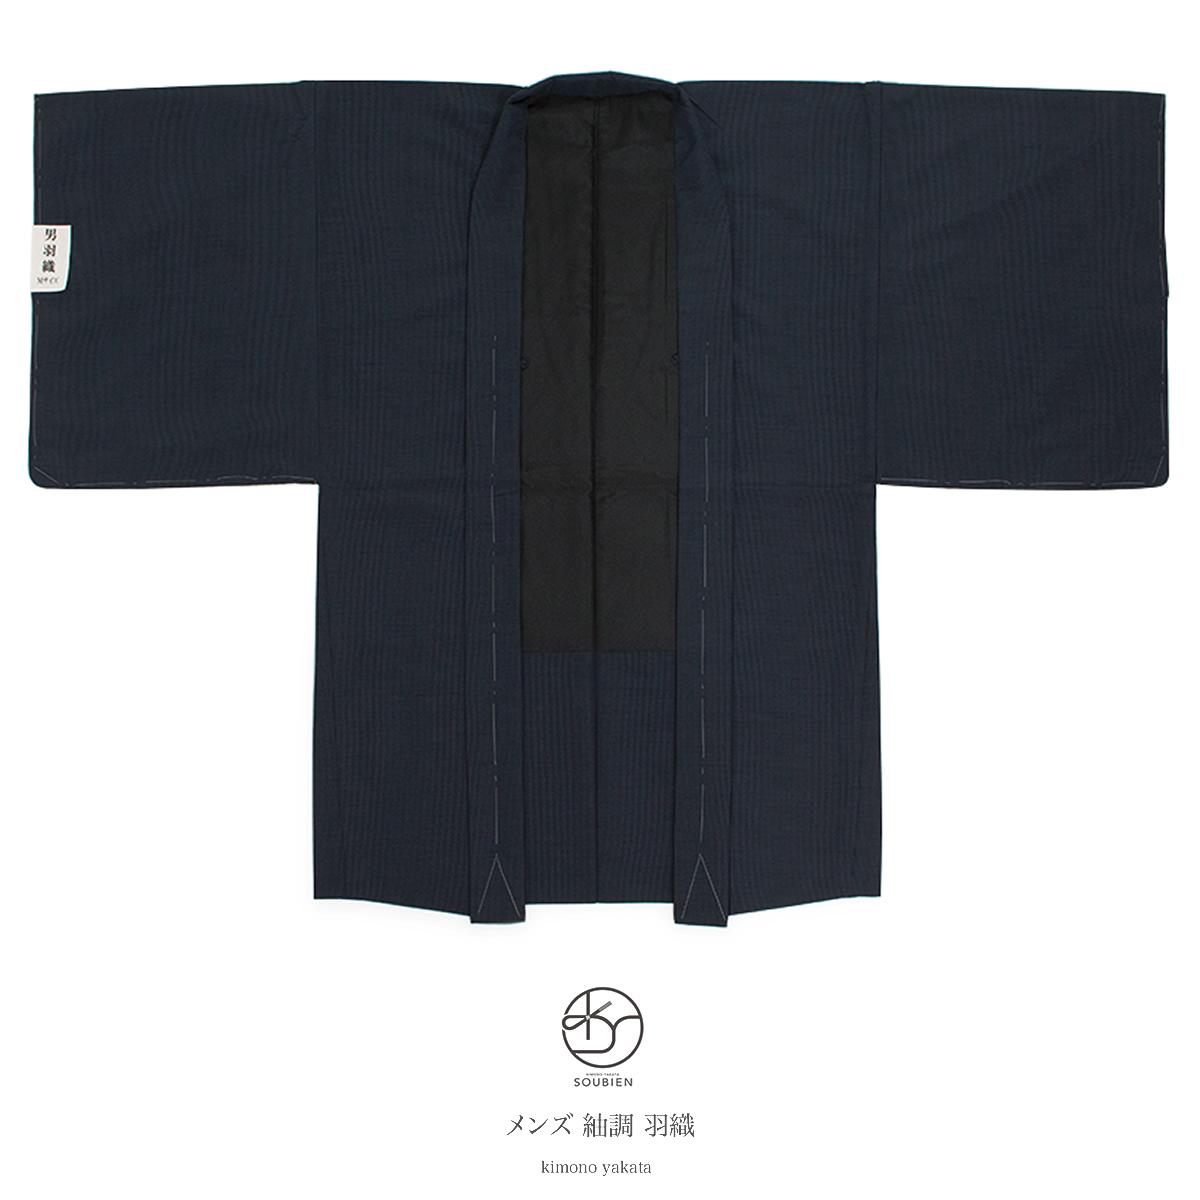 メンズ羽織 紺 ネイビー 黒 ブラック 縞 ストライプ 紬調 カジュアル はおり 男性用 仕立て上がり【Mサイズ】【Lサイズ】【LLサイズ】【あす楽対応】【送料無料】